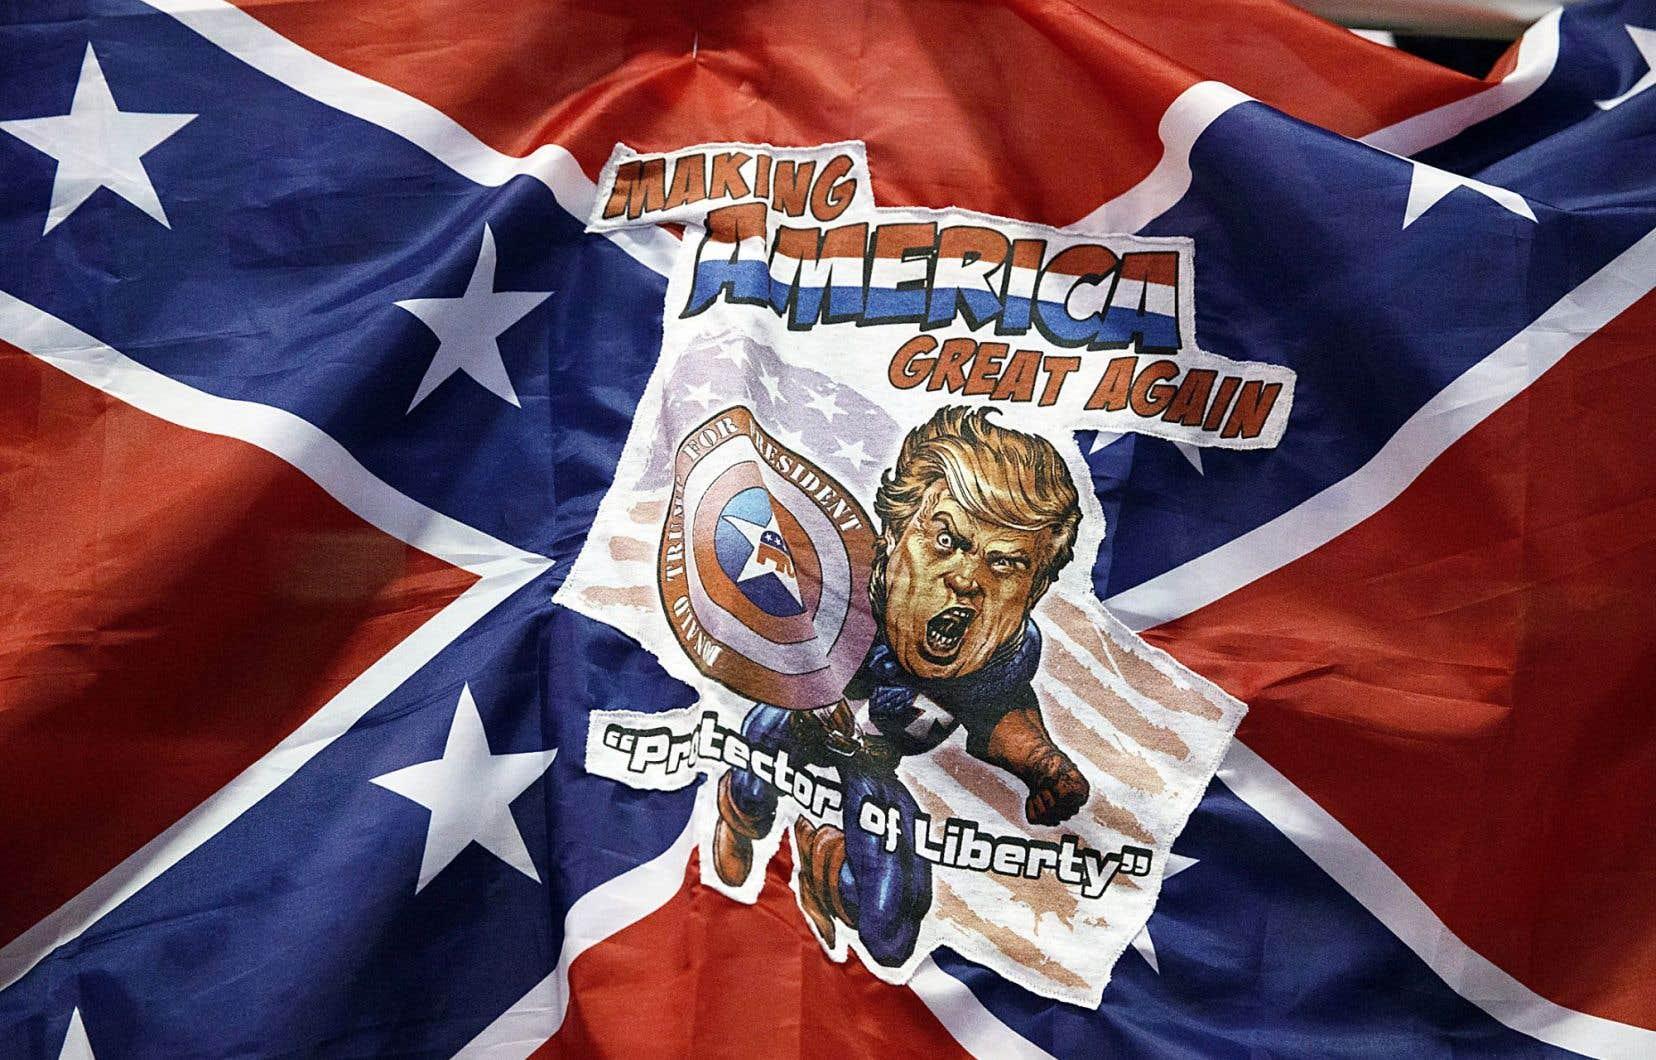 Une caricature de Donald Trump en «protecteur de la liberté» sur un drapeau confédéré à Jacksonville, en Floride